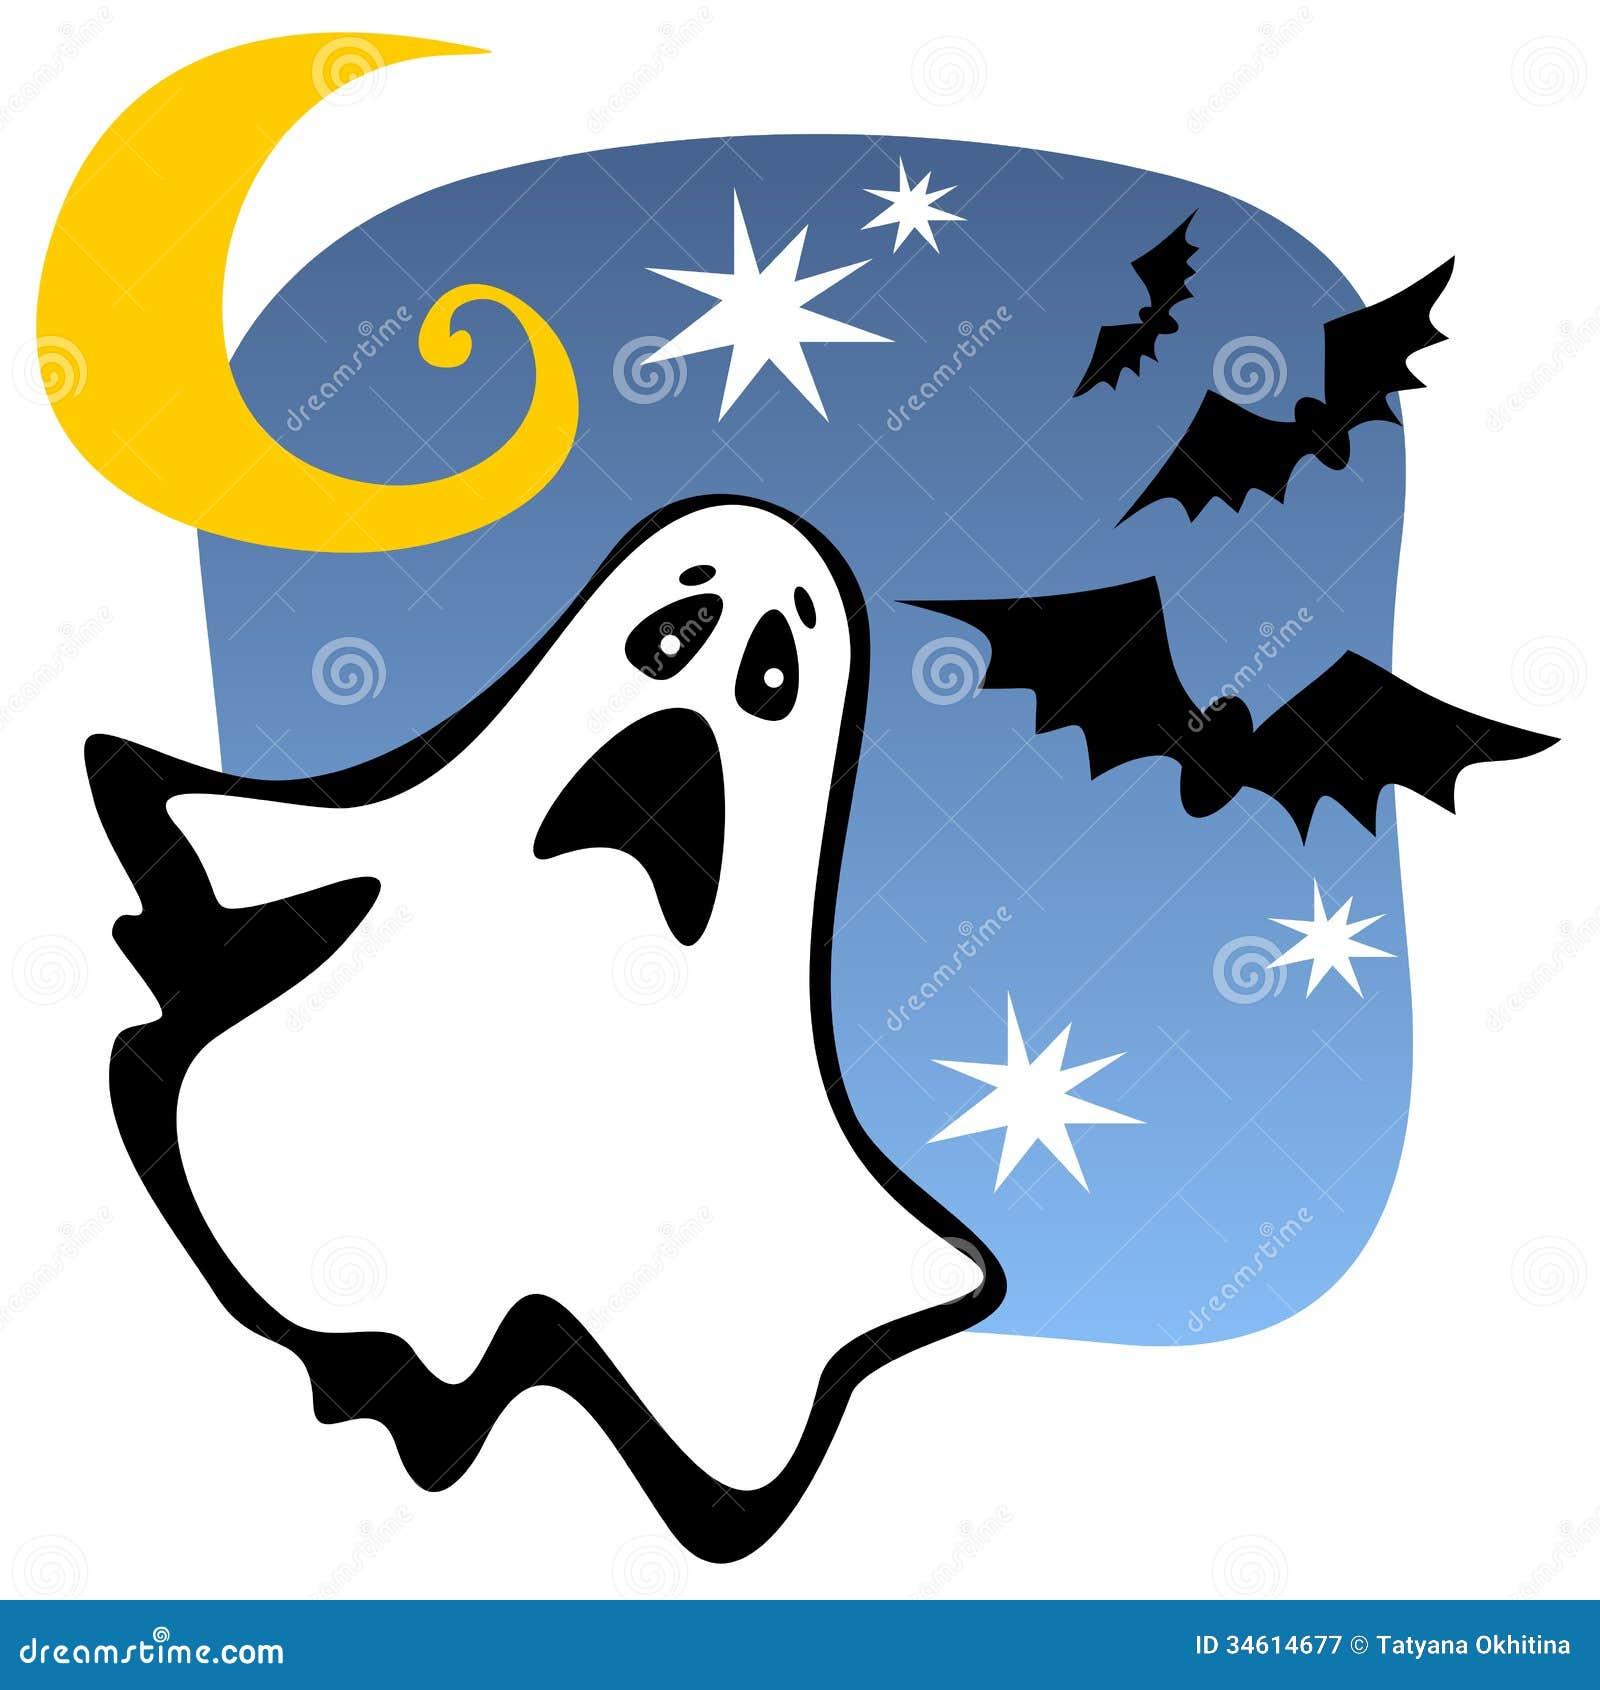 Halloween ghost stock vector. Illustration of seasonal - 34614677